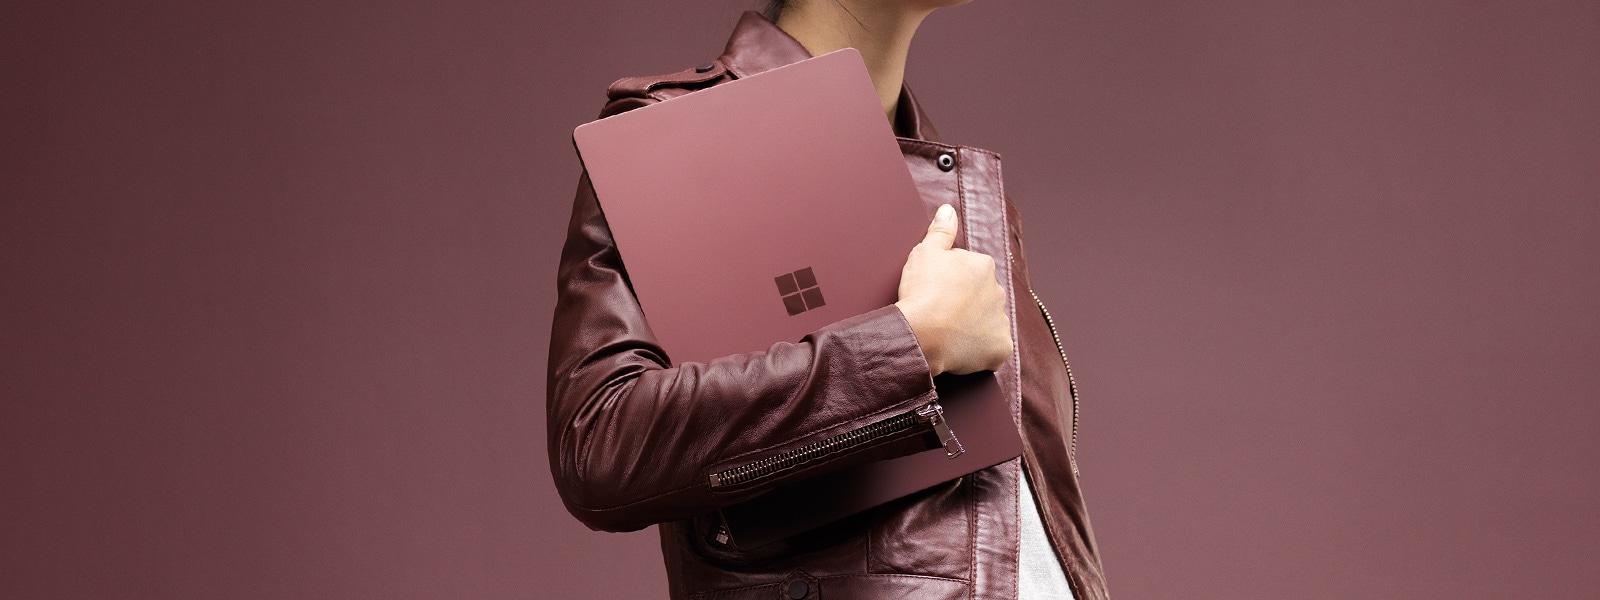 Tyylikäs nainen pitämässä viininpunaista Surface Laptopia rintaansa vasten